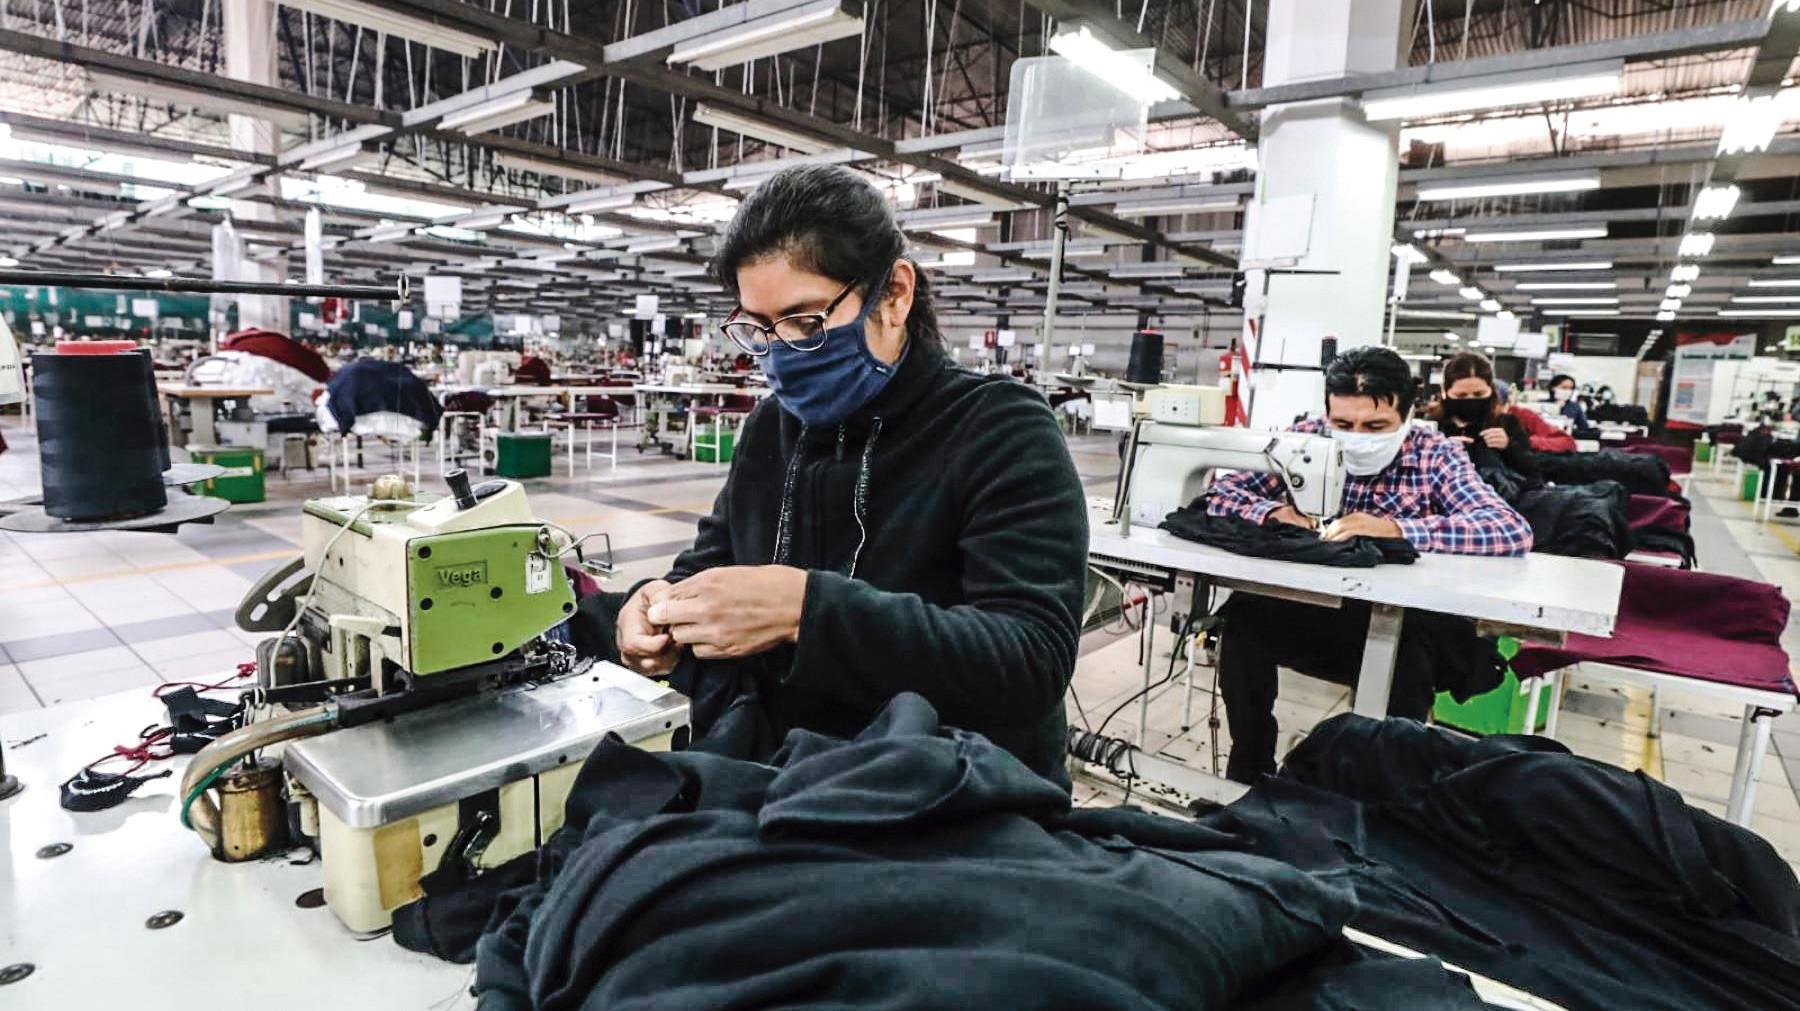 Nuevos riesgos laborales demandarán un enfoque más preventivo a las empresas